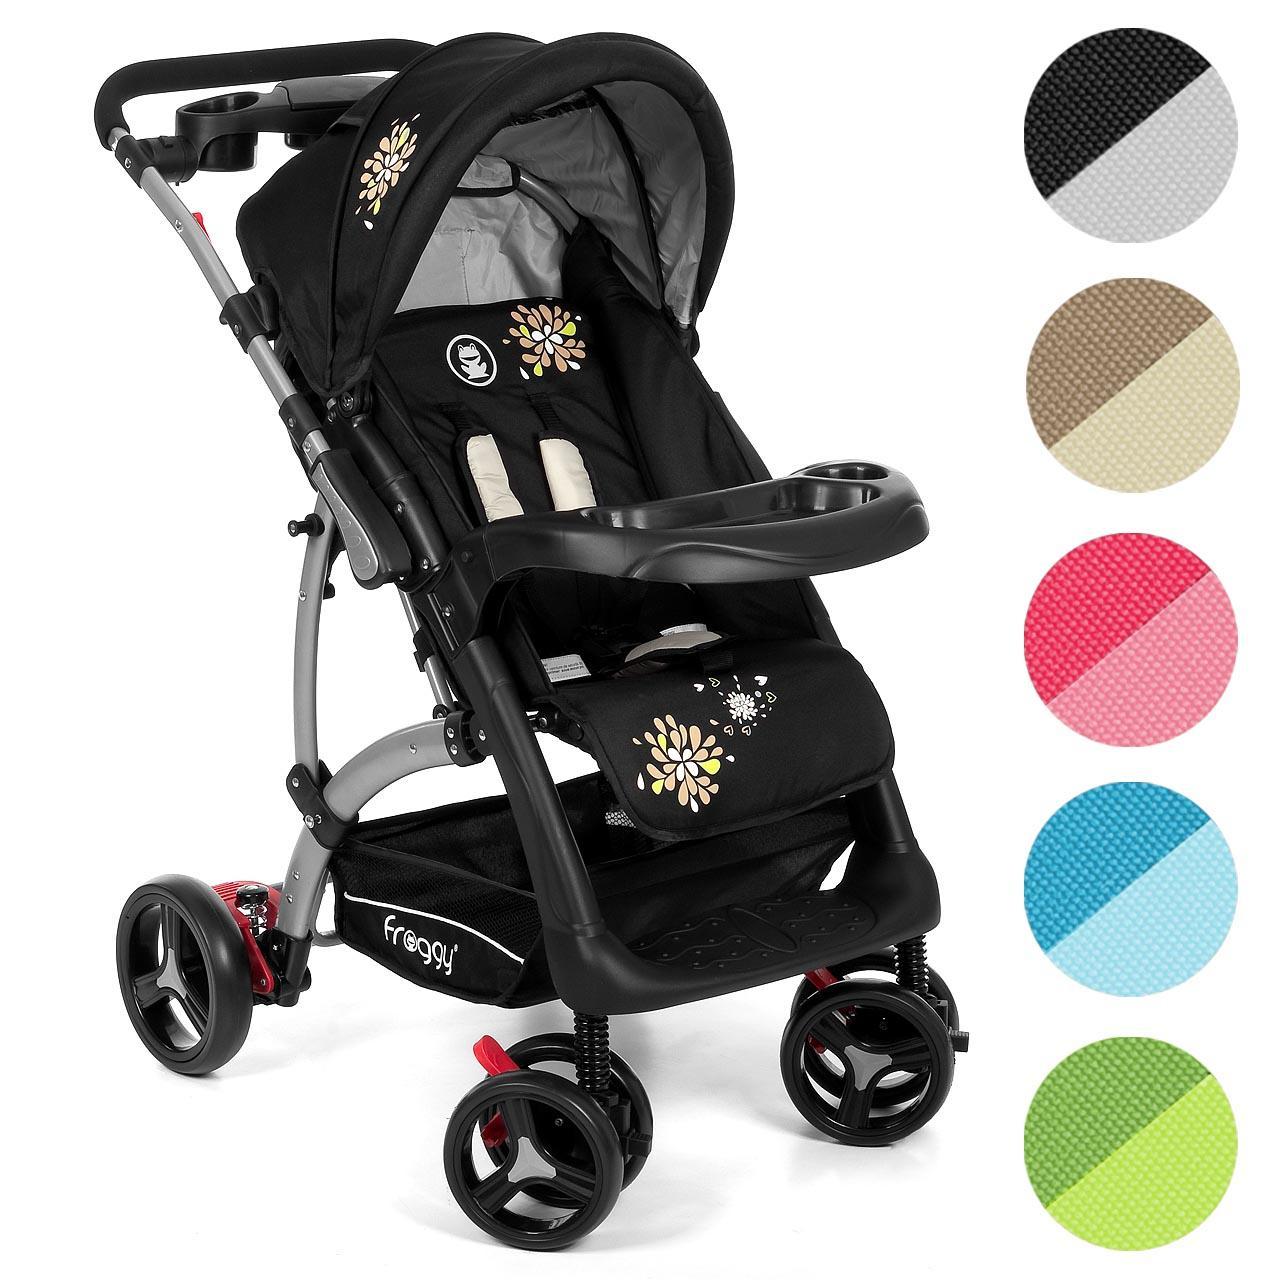 kombikinderwagen 3in1 kombi set kinderwagen inkl babyschale buggy kinderwagenset. Black Bedroom Furniture Sets. Home Design Ideas